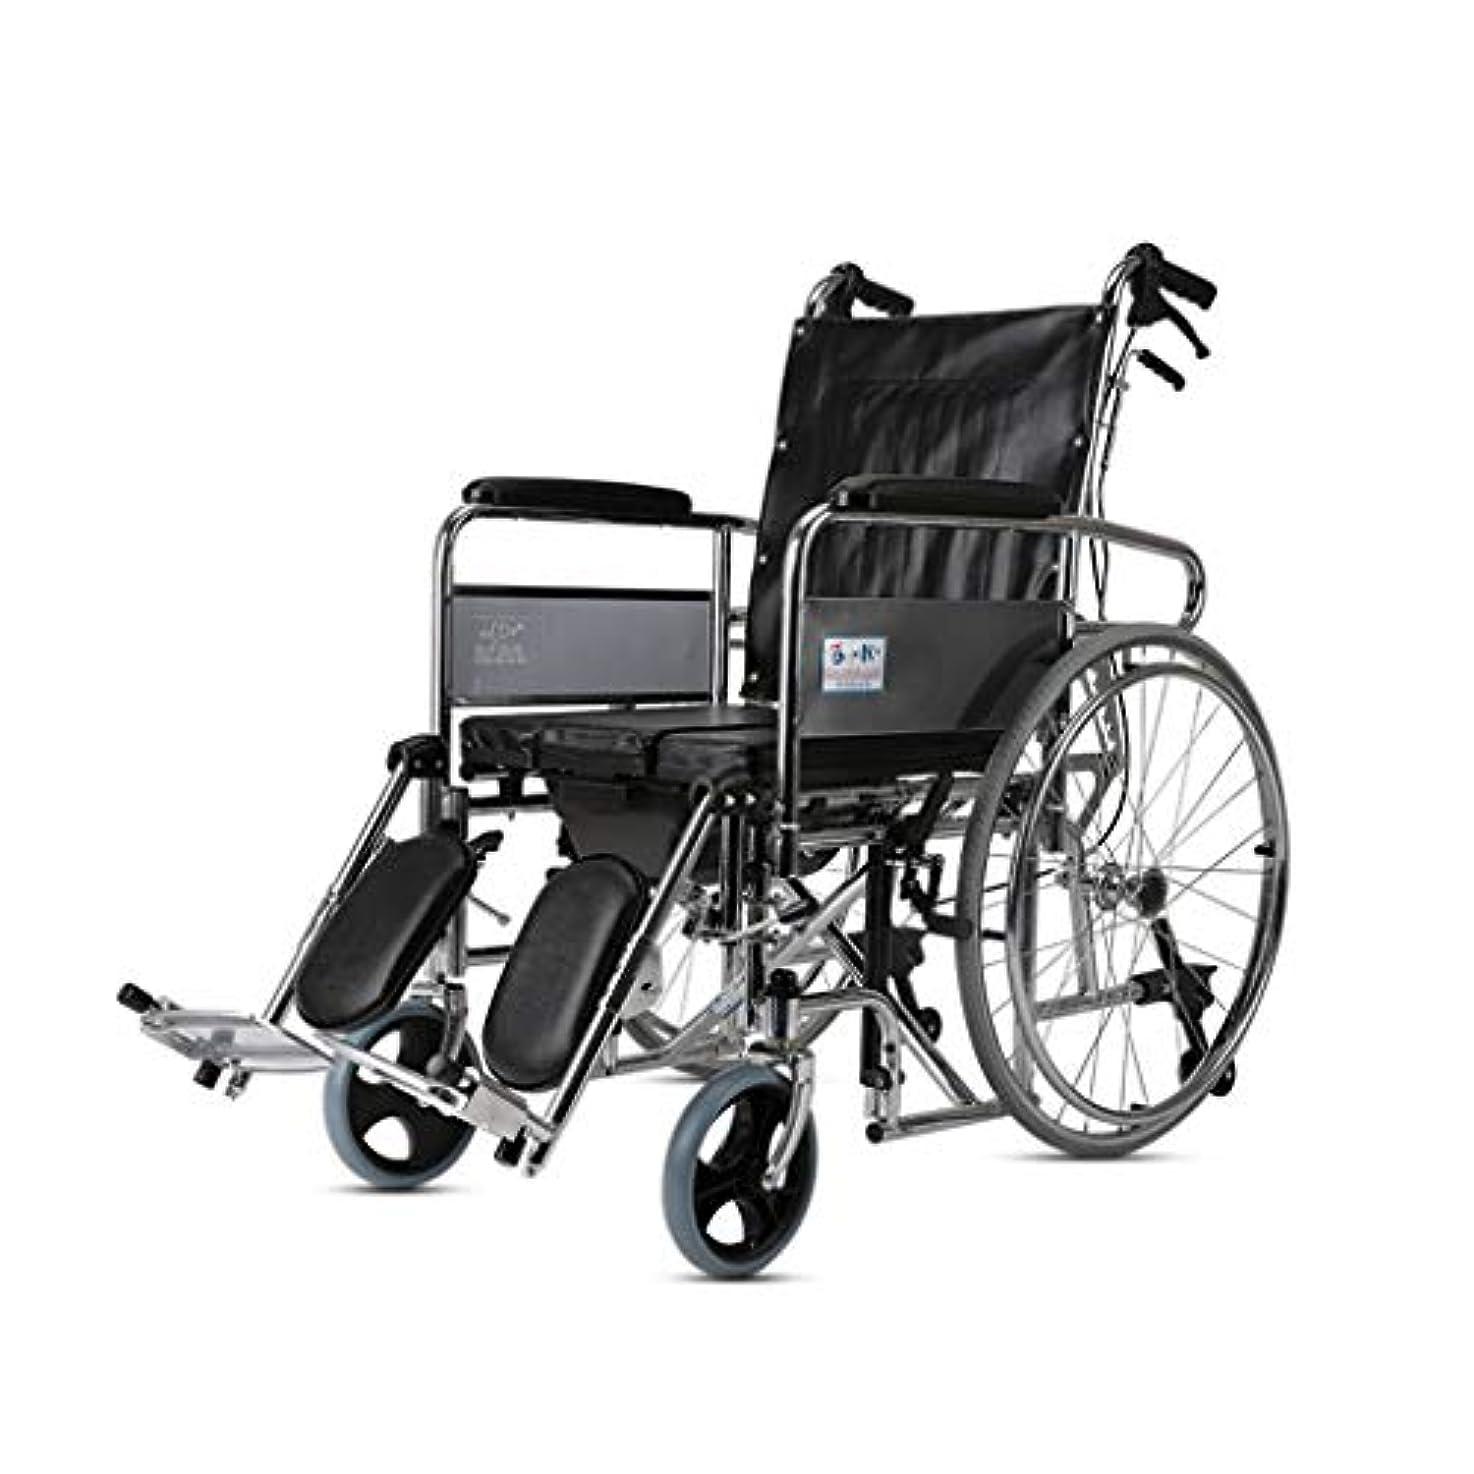 大宇宙失業者歯科医折り畳み式車椅子超軽量ポータブル多機能ハンドプッシュ車椅子高齢者と障害者のために人間工学に基づいた